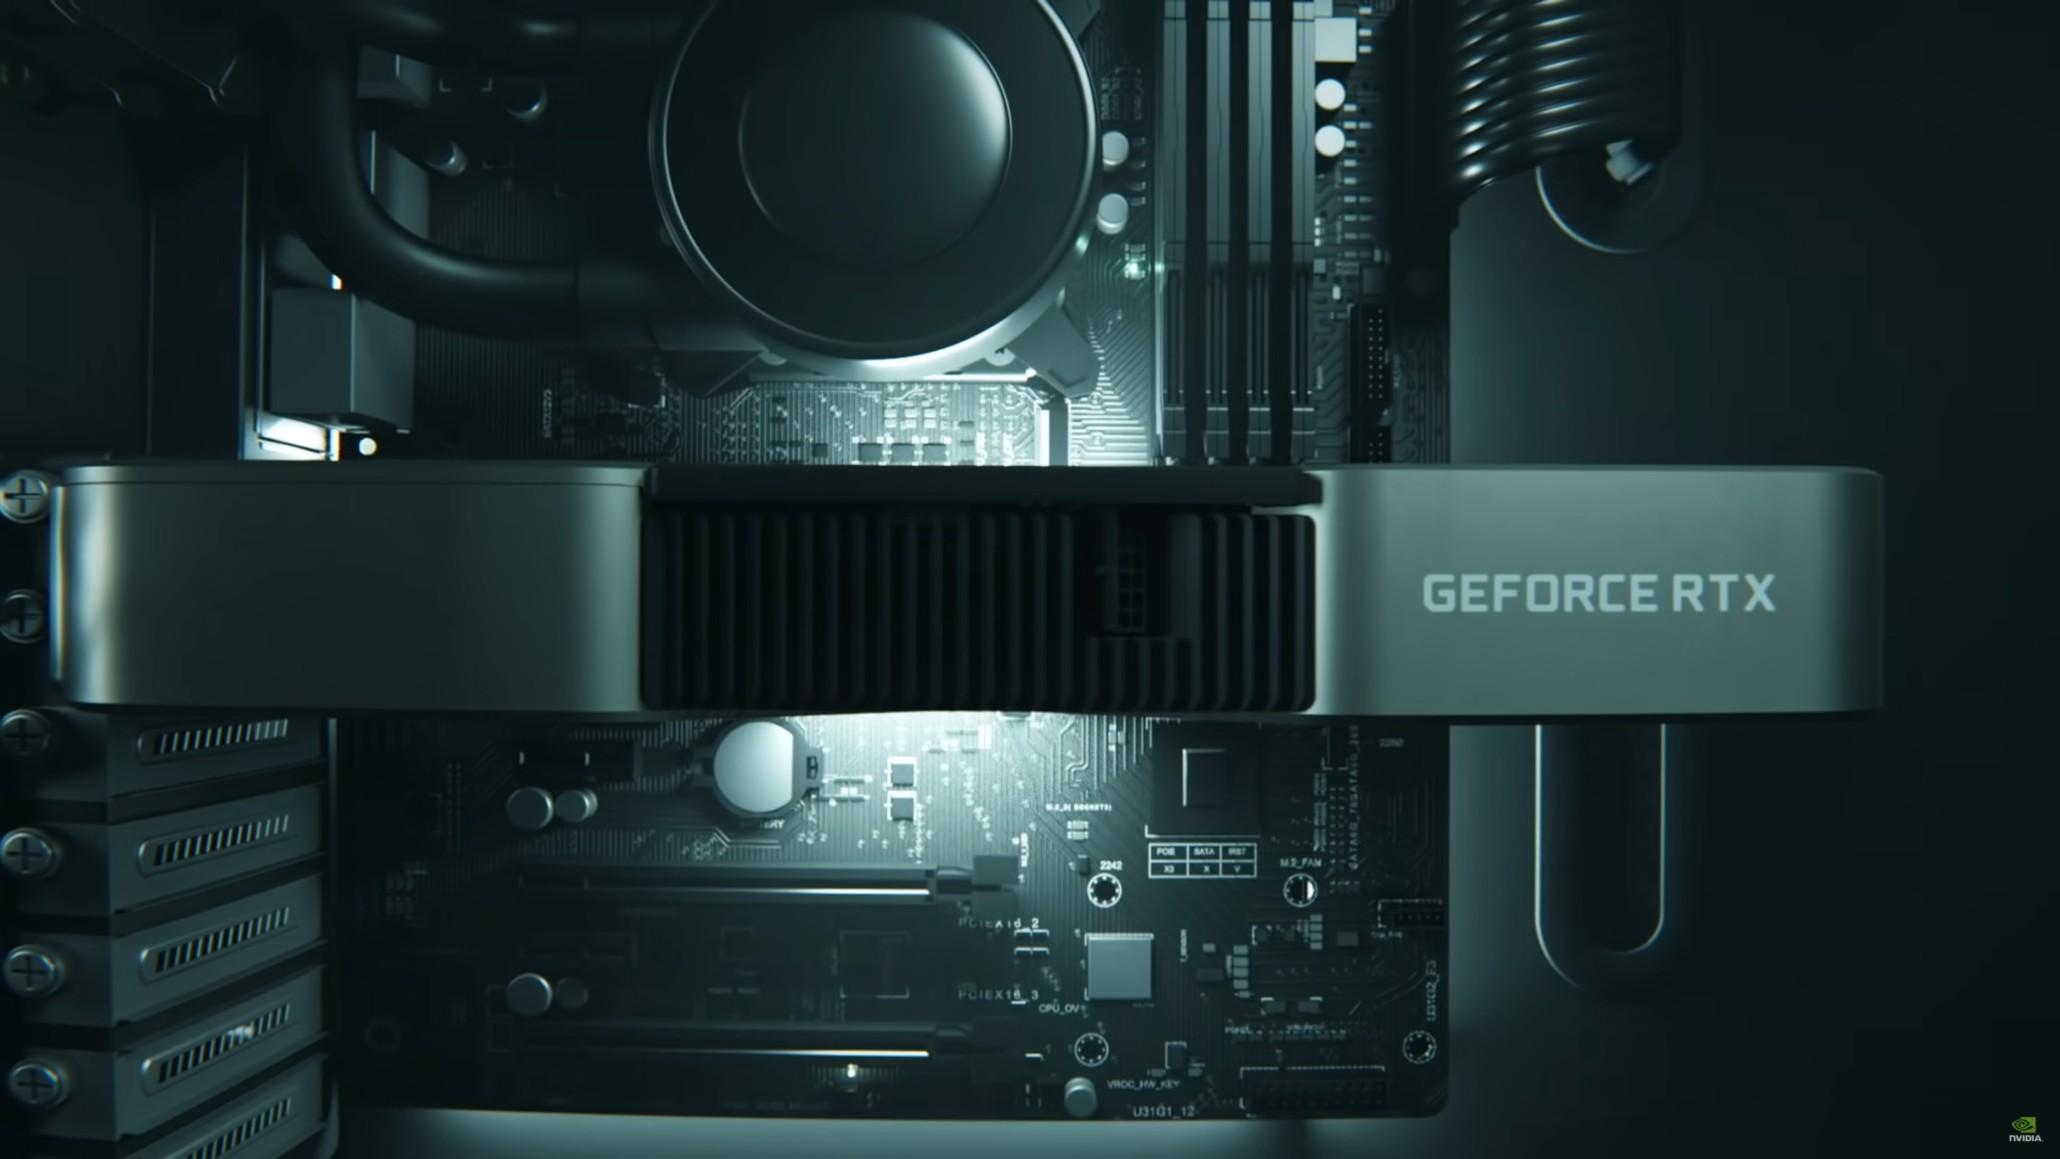 GeForce RTX 3060 Ti Çıkış Tarihi Ertelenmiş Olabilir - Technopat